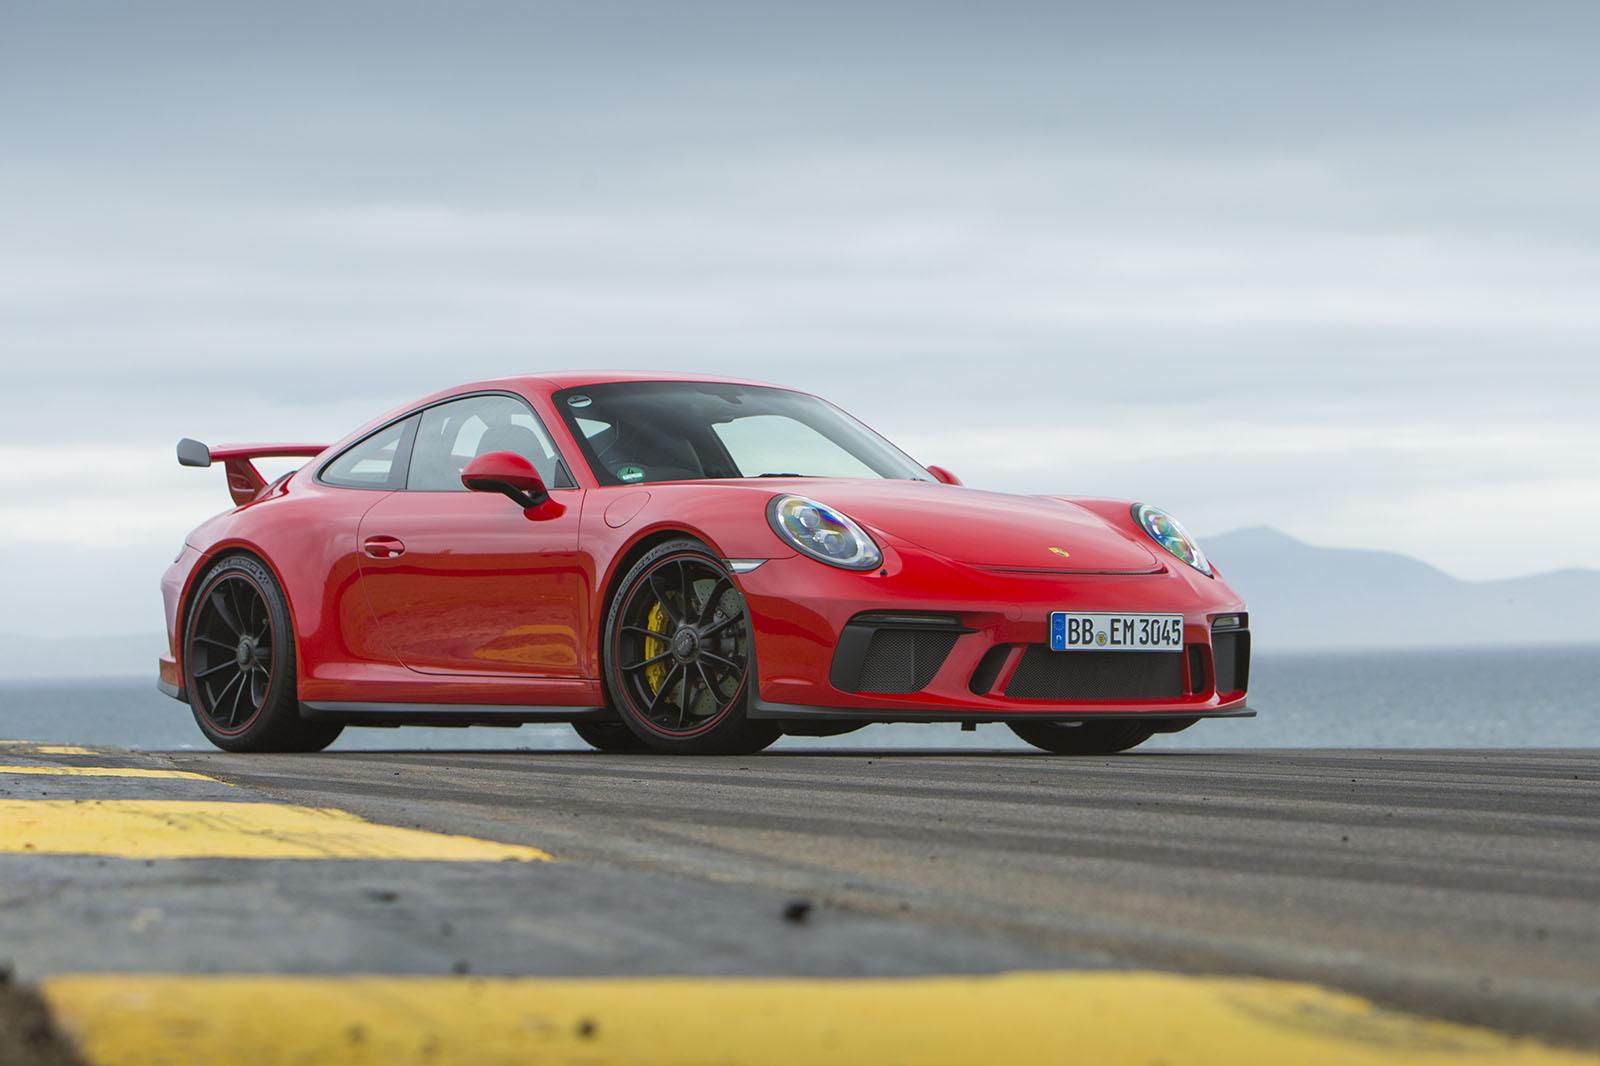 Porsche 911 gt3 rs review 2017 autocar - Link Https Www Autocar Co Uk Car Review Porsche Gt3 First Drives Porsche 911 Gt3 2017 Review